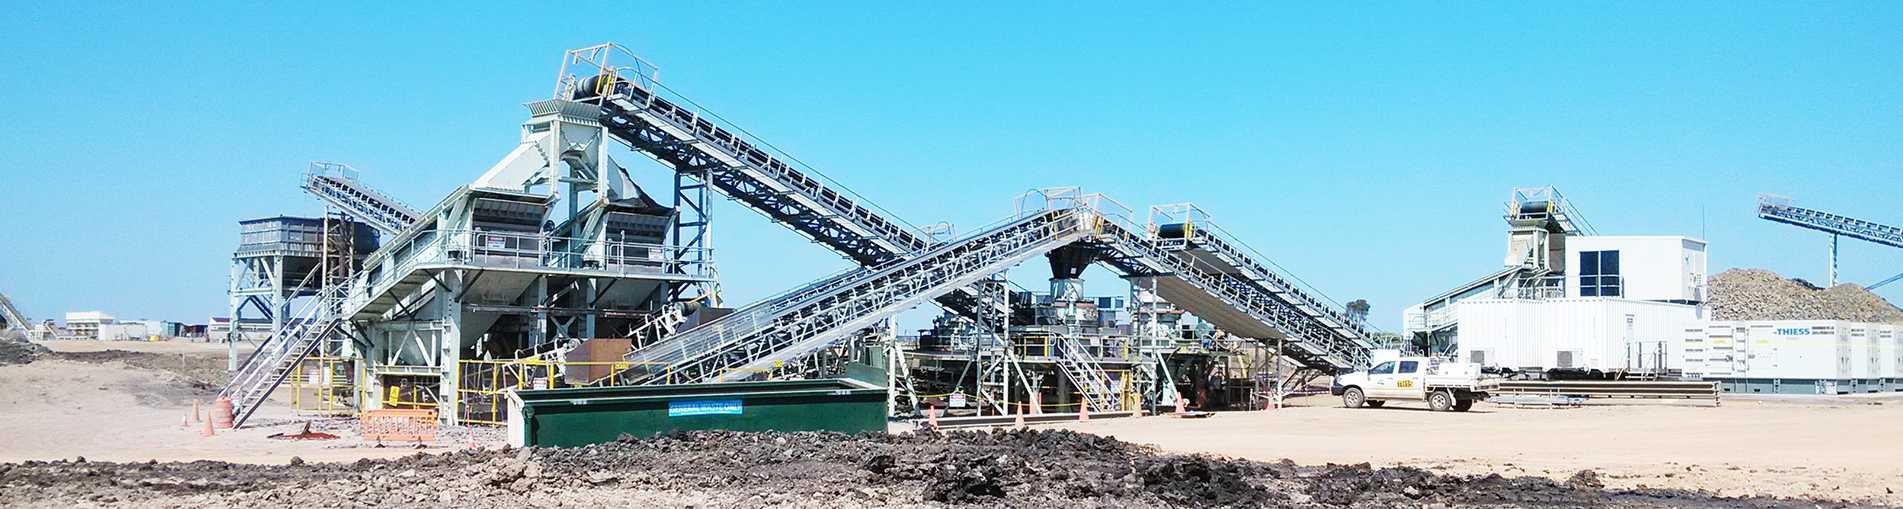 大型破碎机和河卵石制砂机供应商